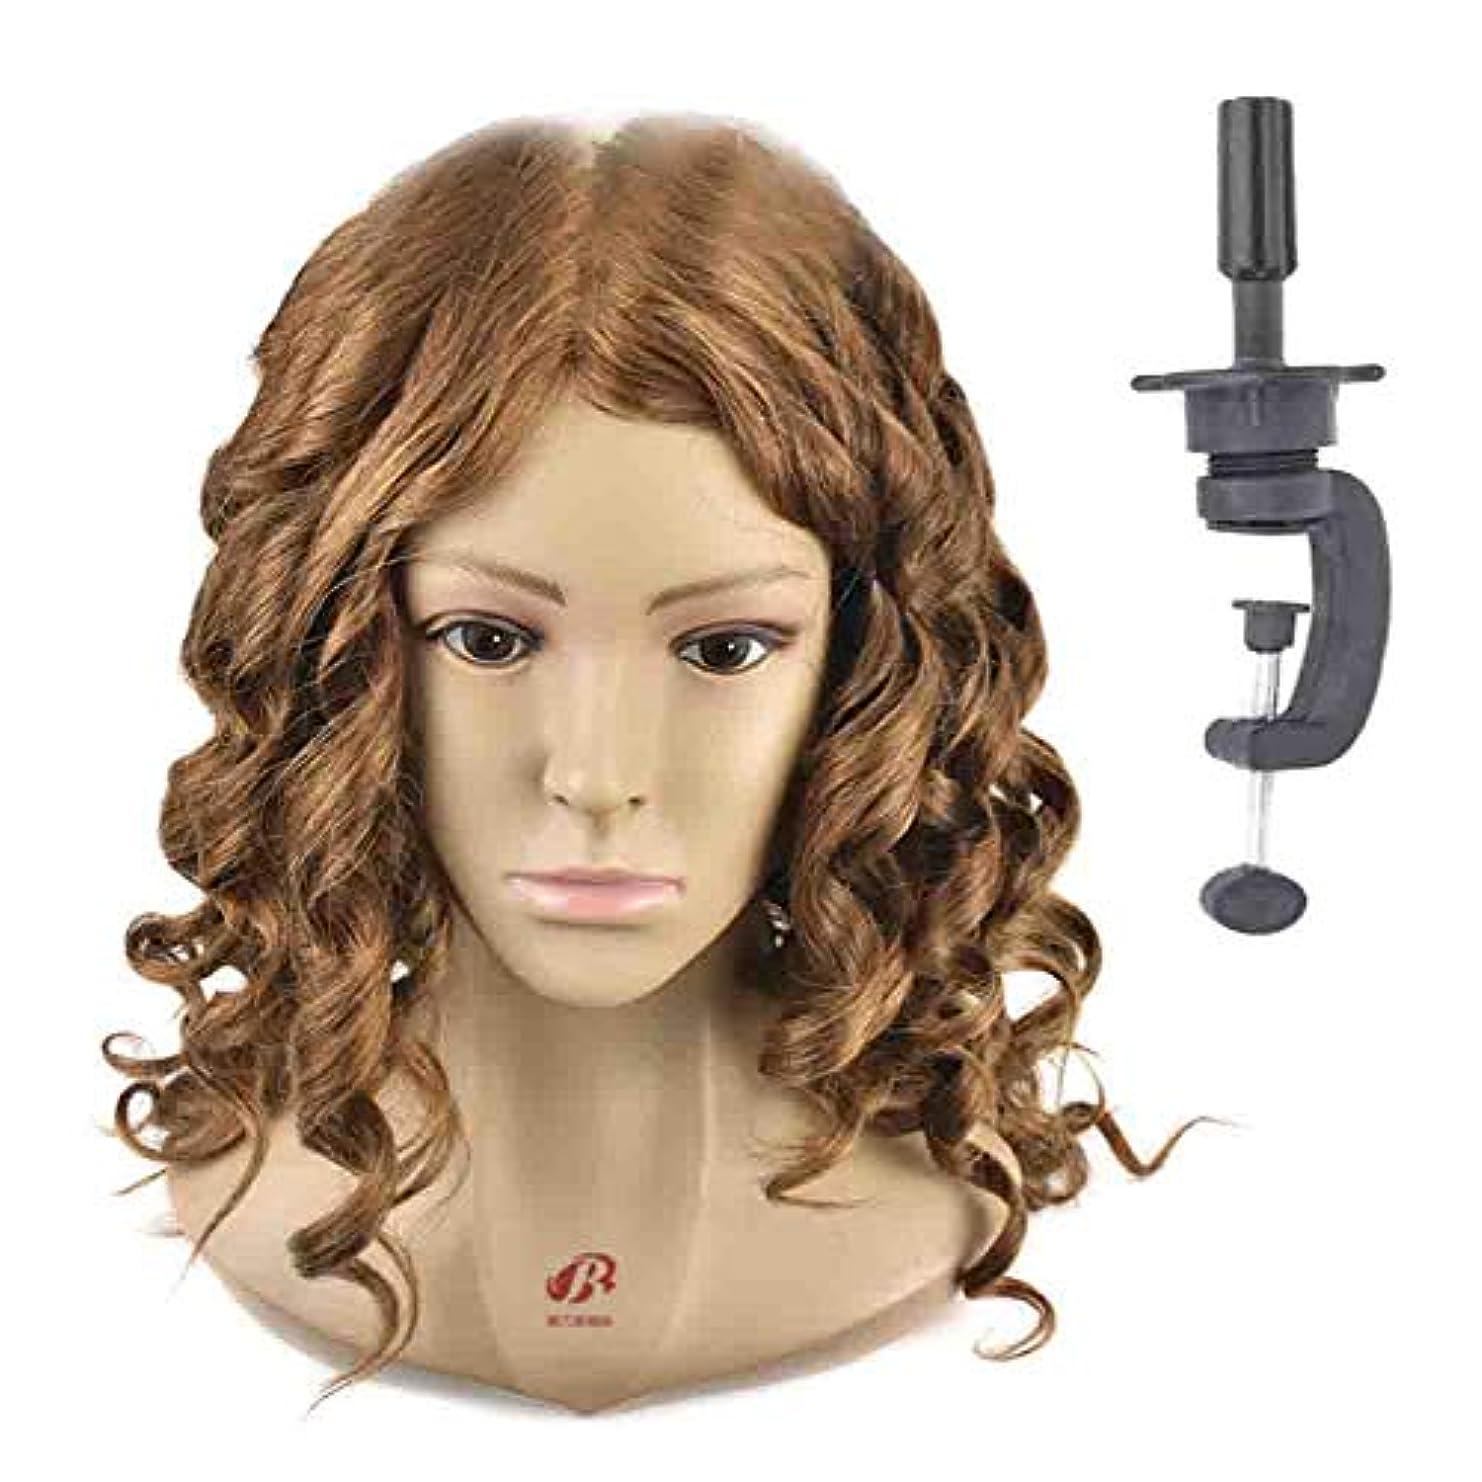 計算するシュガーアナウンサーヘアマネキンヘッド練習ディスク髪編組ヘッドモデル理髪店学校教育かつらヘッドバンドブラケット